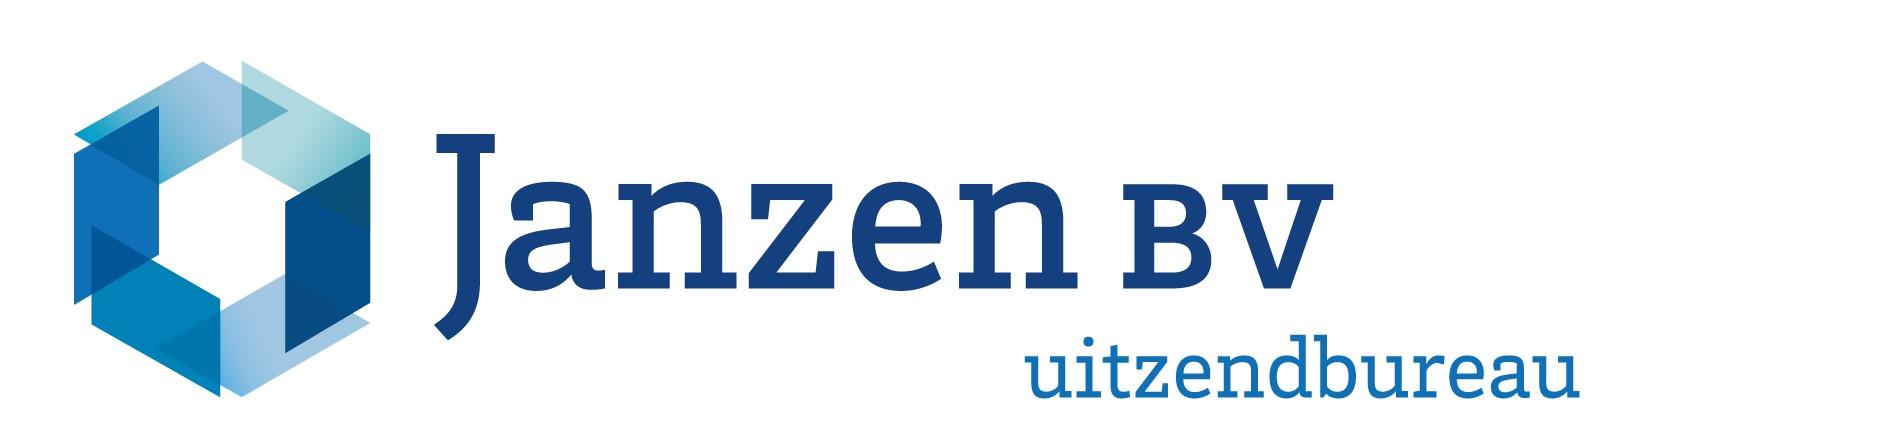 Janzen Uitzendbureau